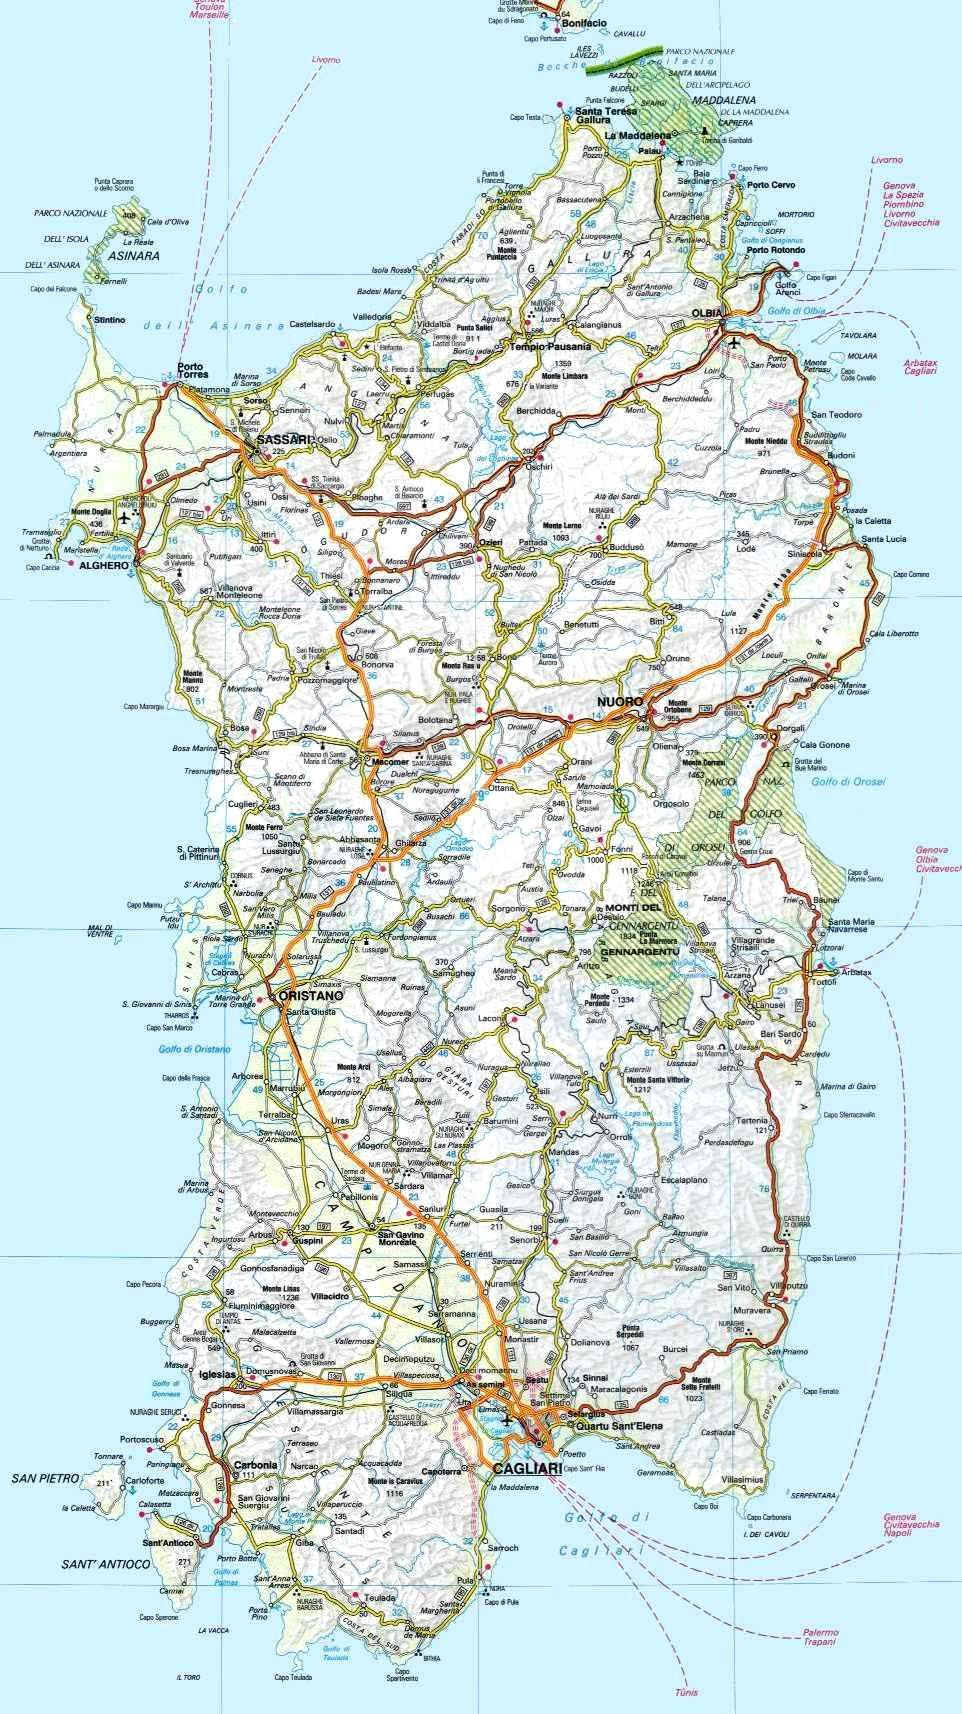 Sardegna Ovest Cartina.Geografia Della Sardegna